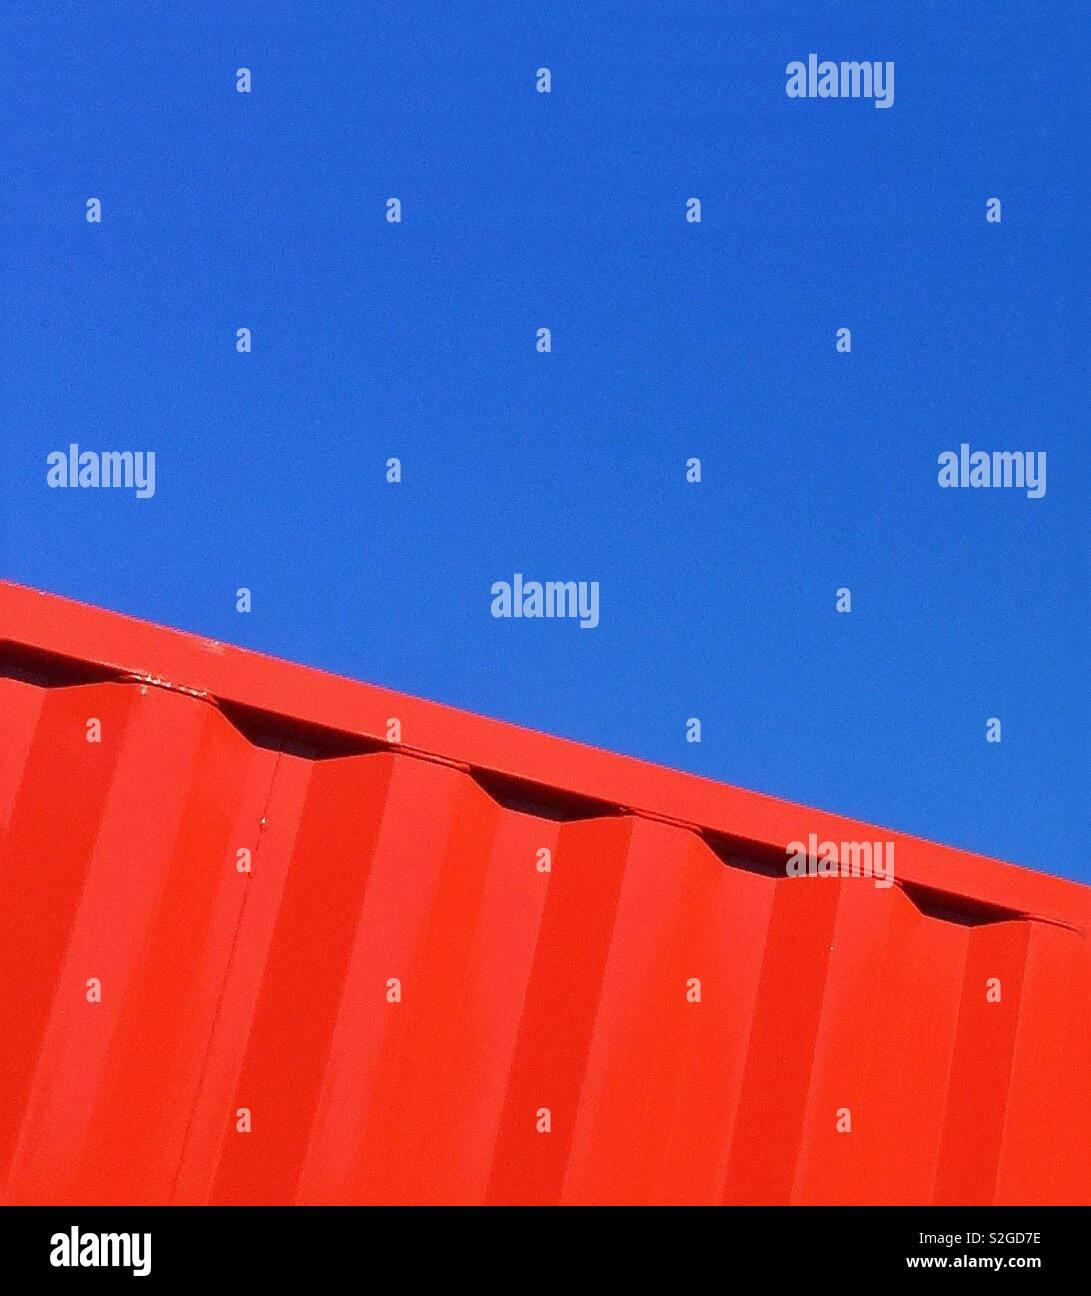 Resumen rojo y azul. Foto de stock